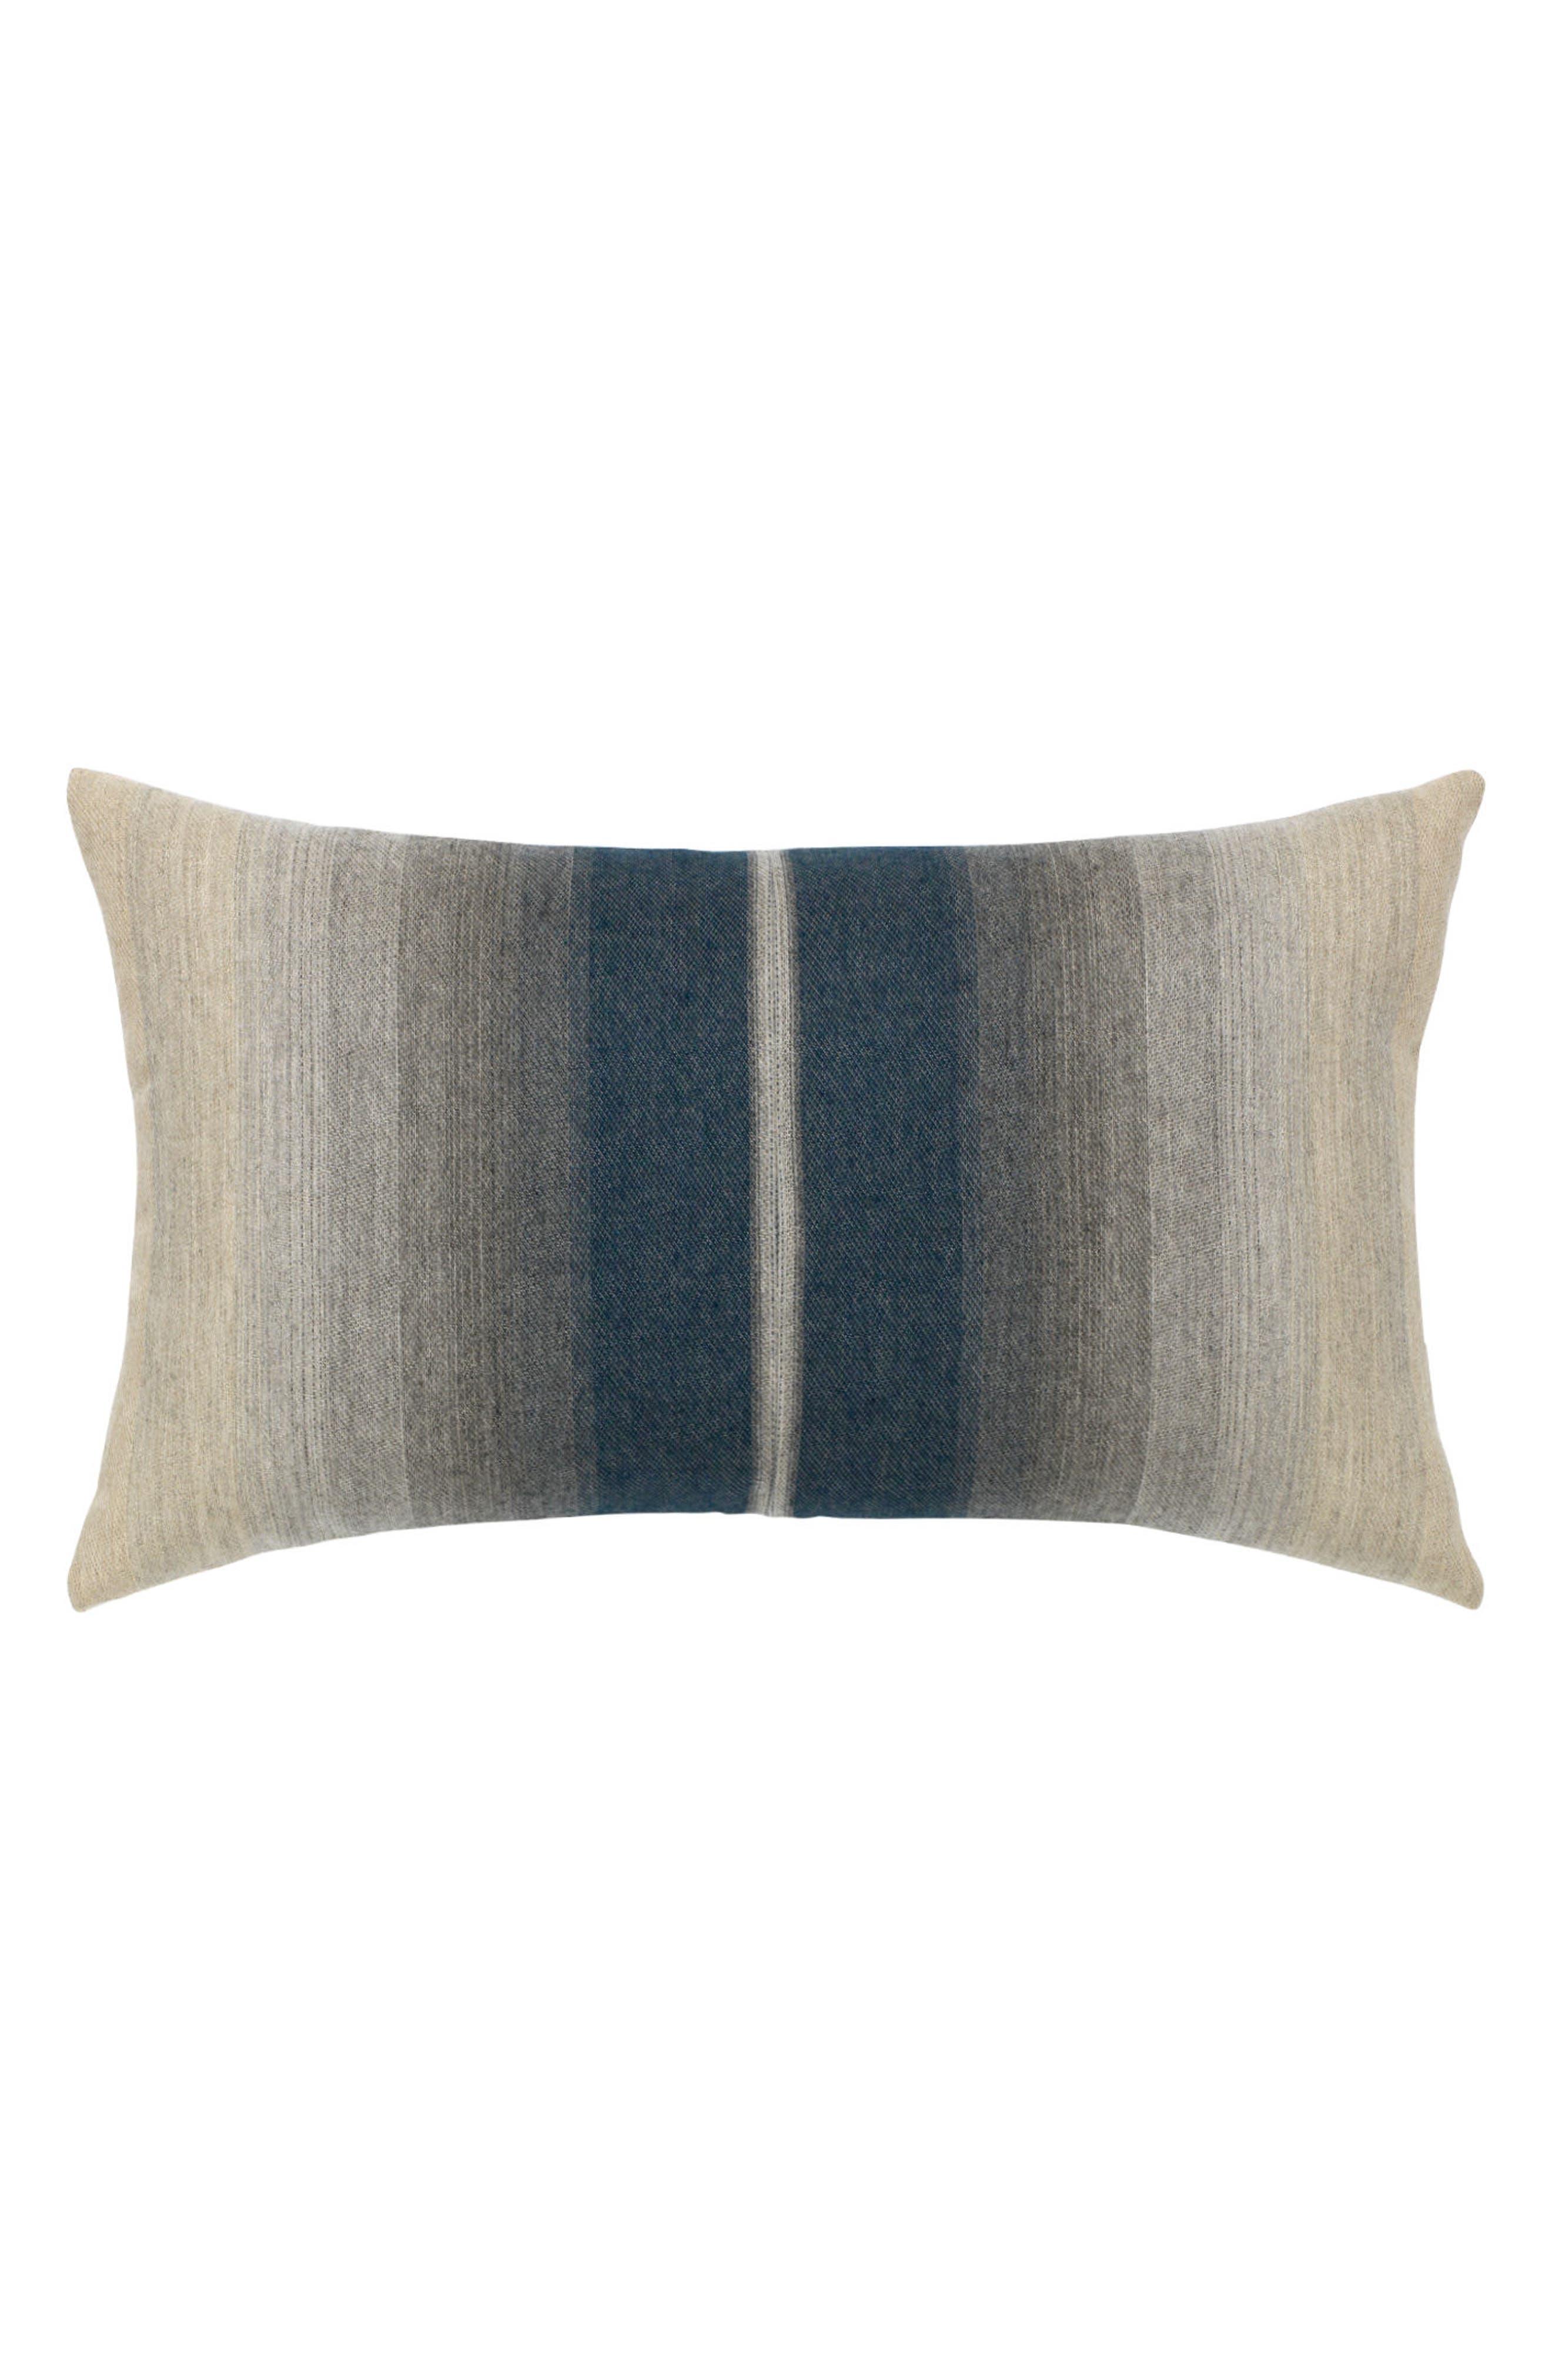 Ombré Indigo Lumbar Pillow,                         Main,                         color, Blue/ Grey